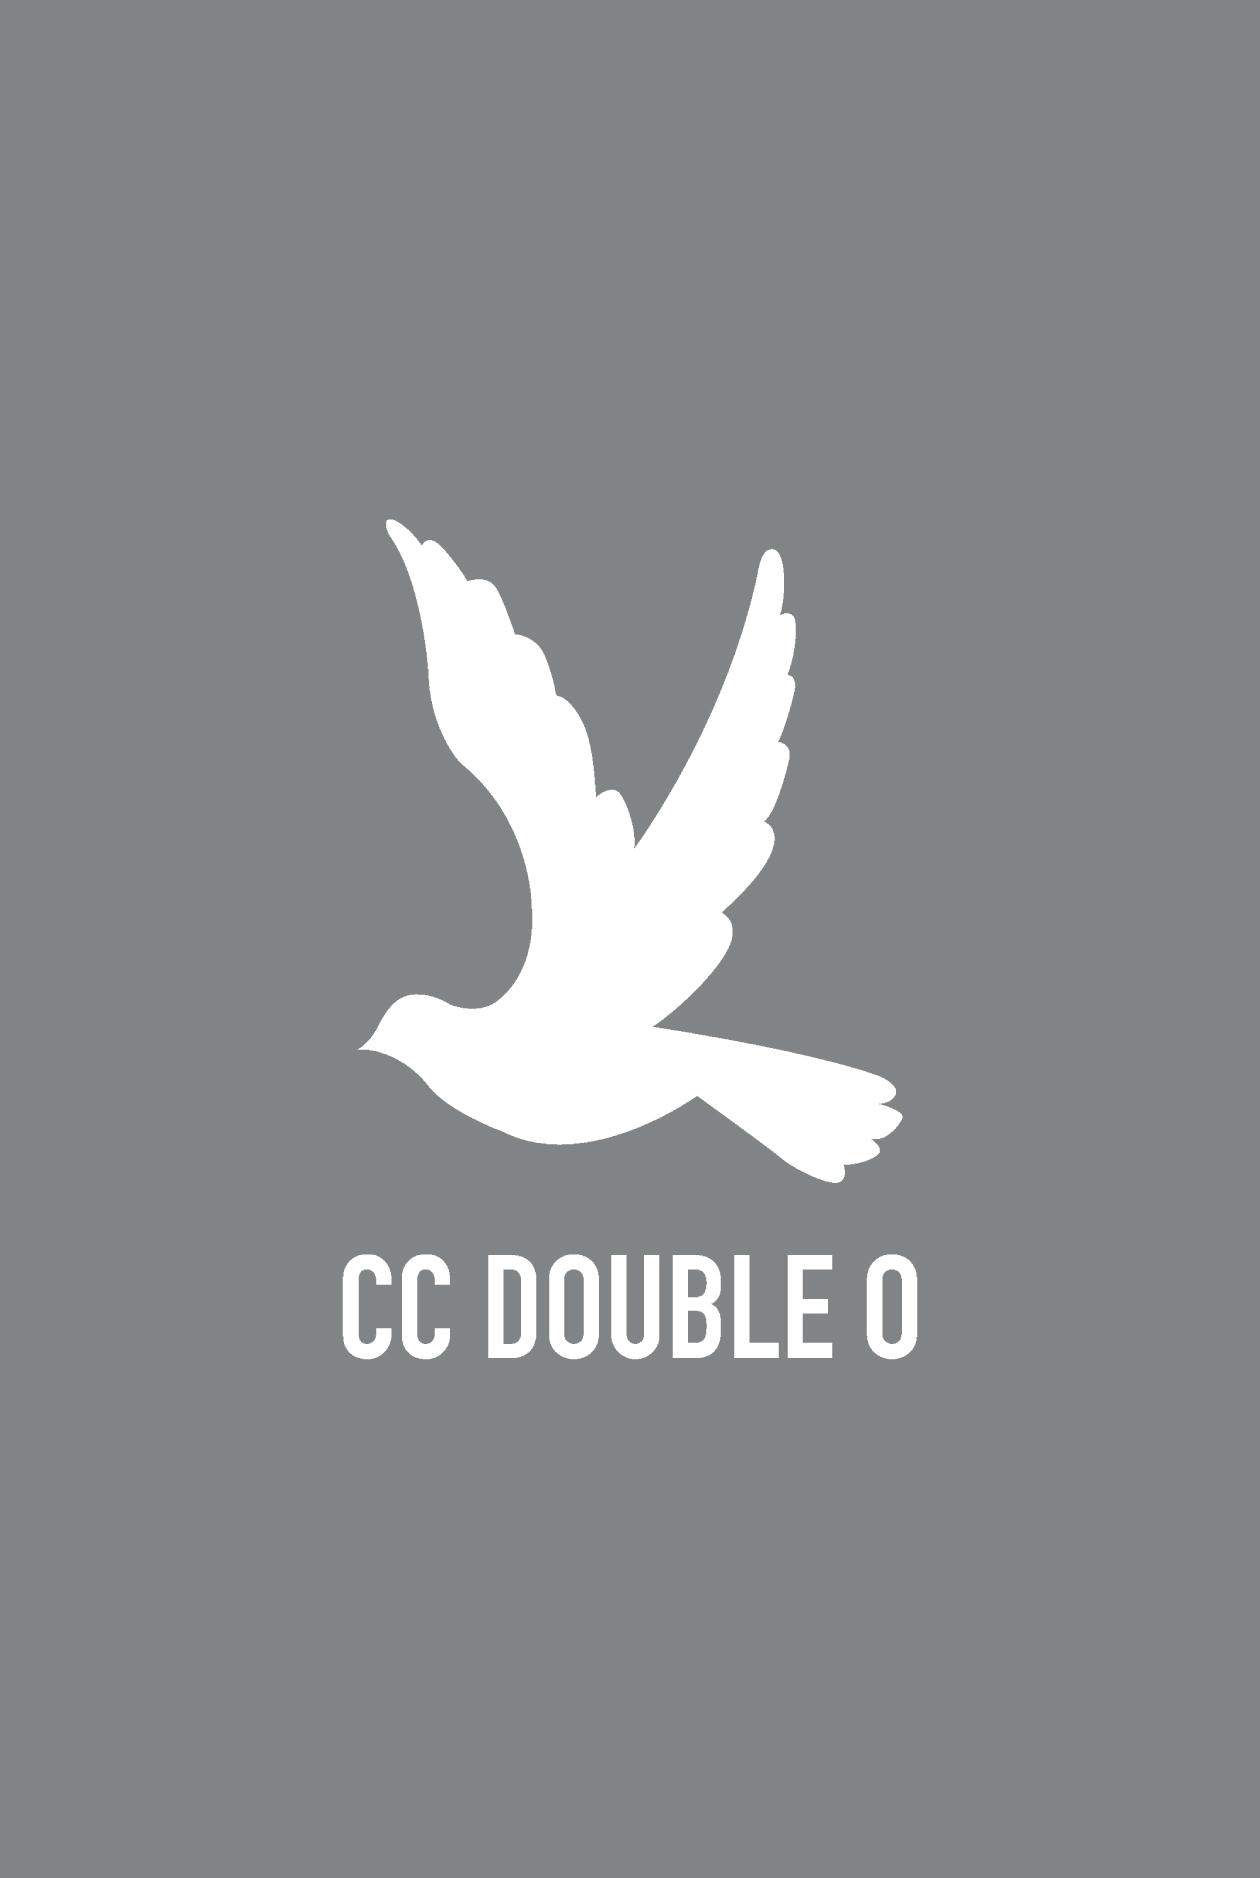 Bird Logo Long-Sleeved Striped Shirt with Deep Cuffs